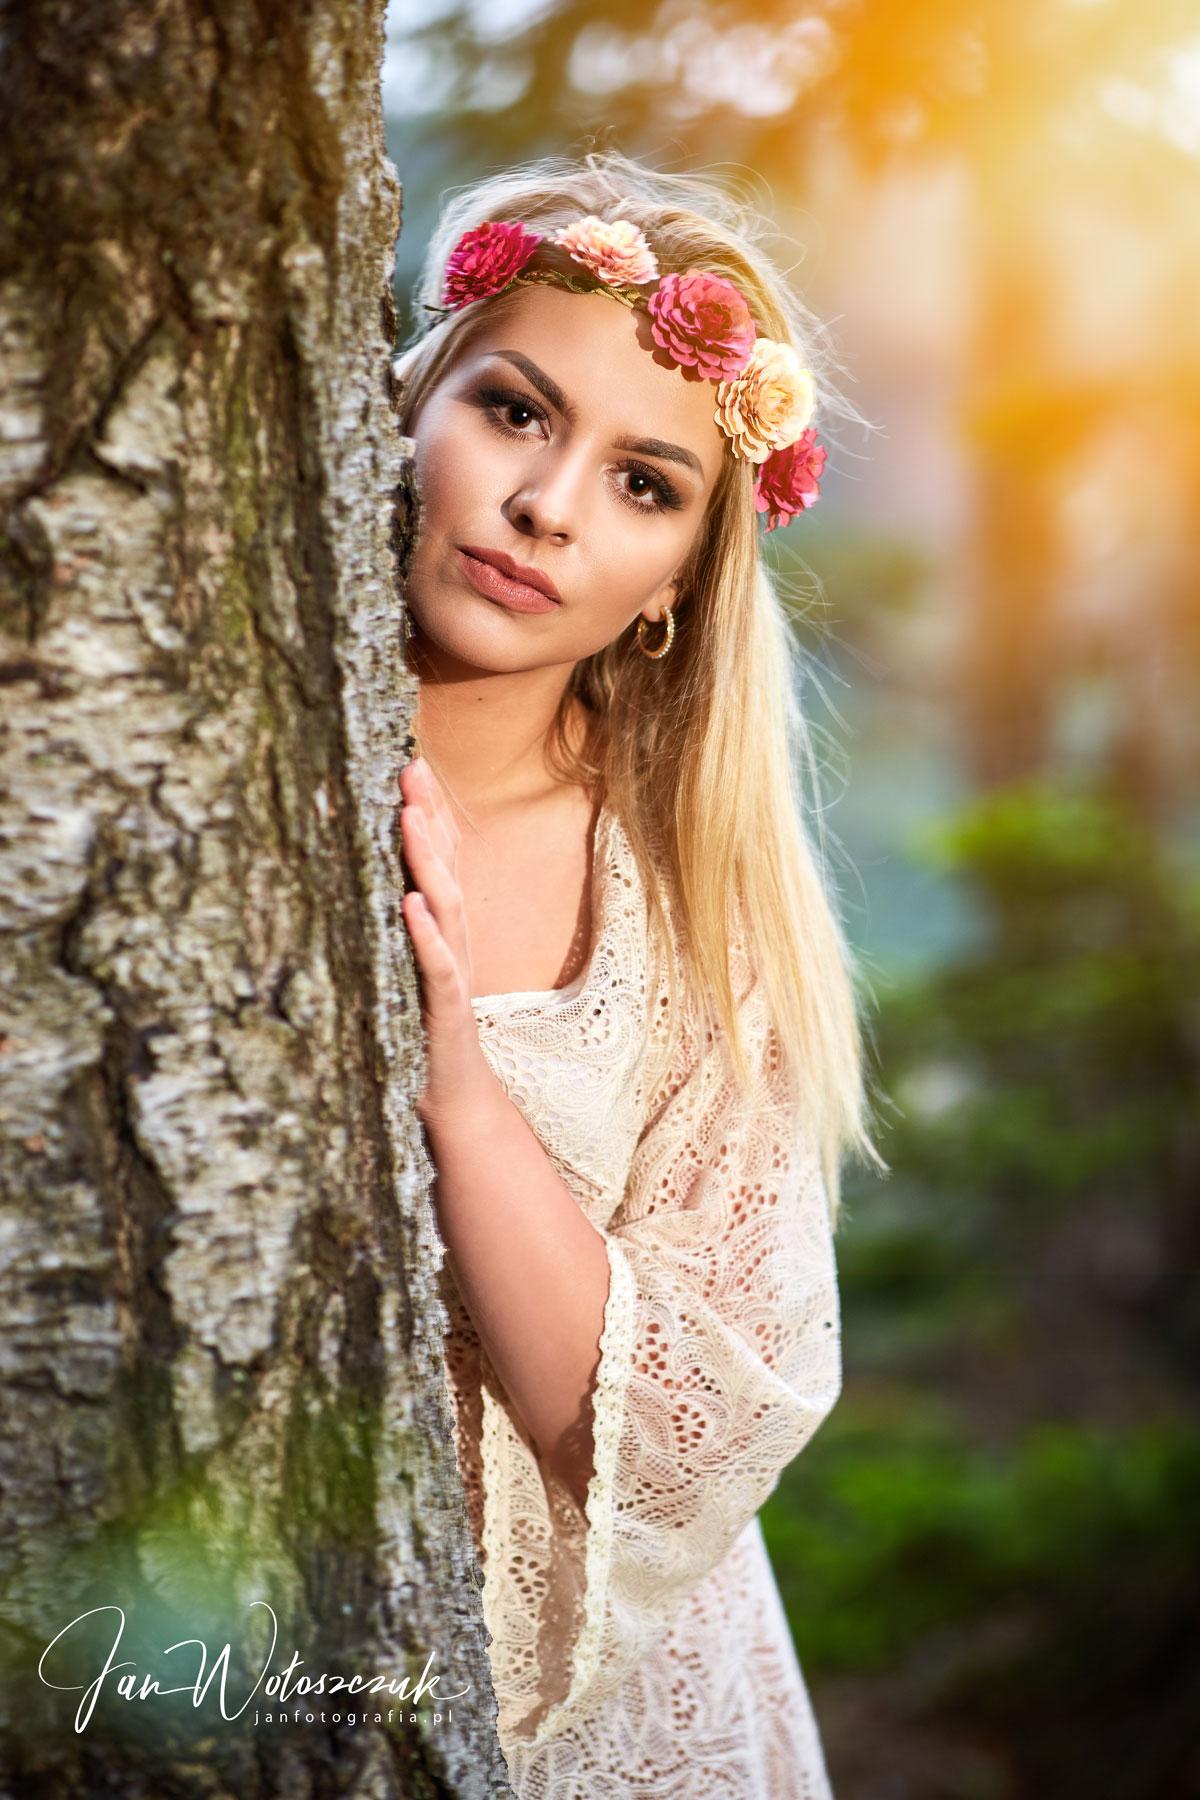 Zdjęcia portretowe z modelką Anitą w Kudowie Zdroju